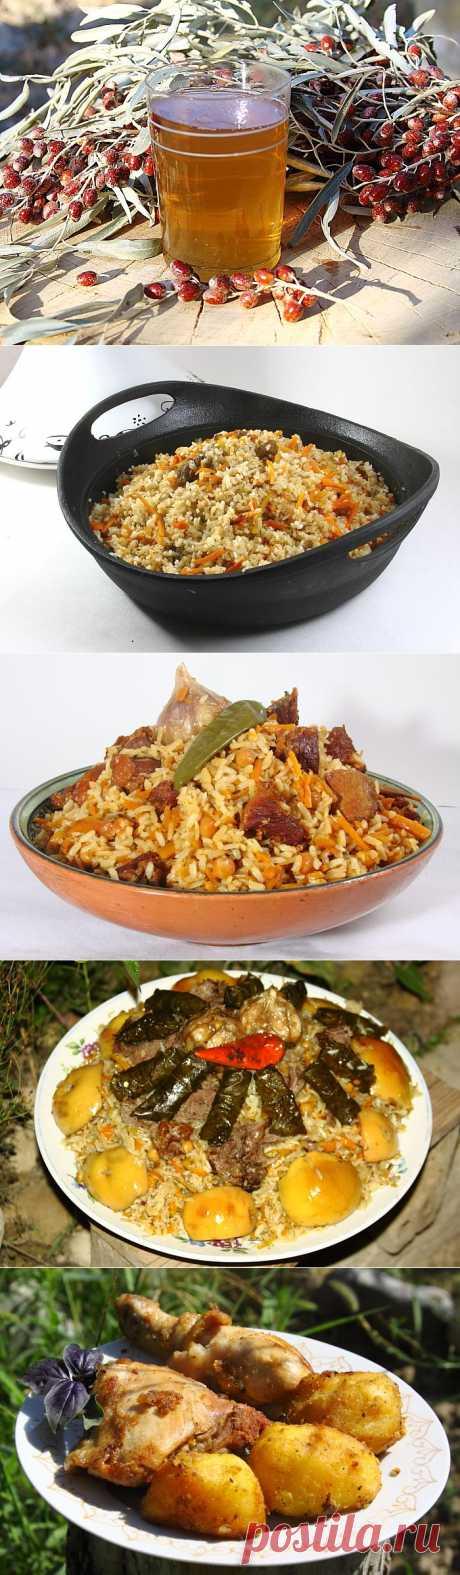 Блог питания Azu.uz